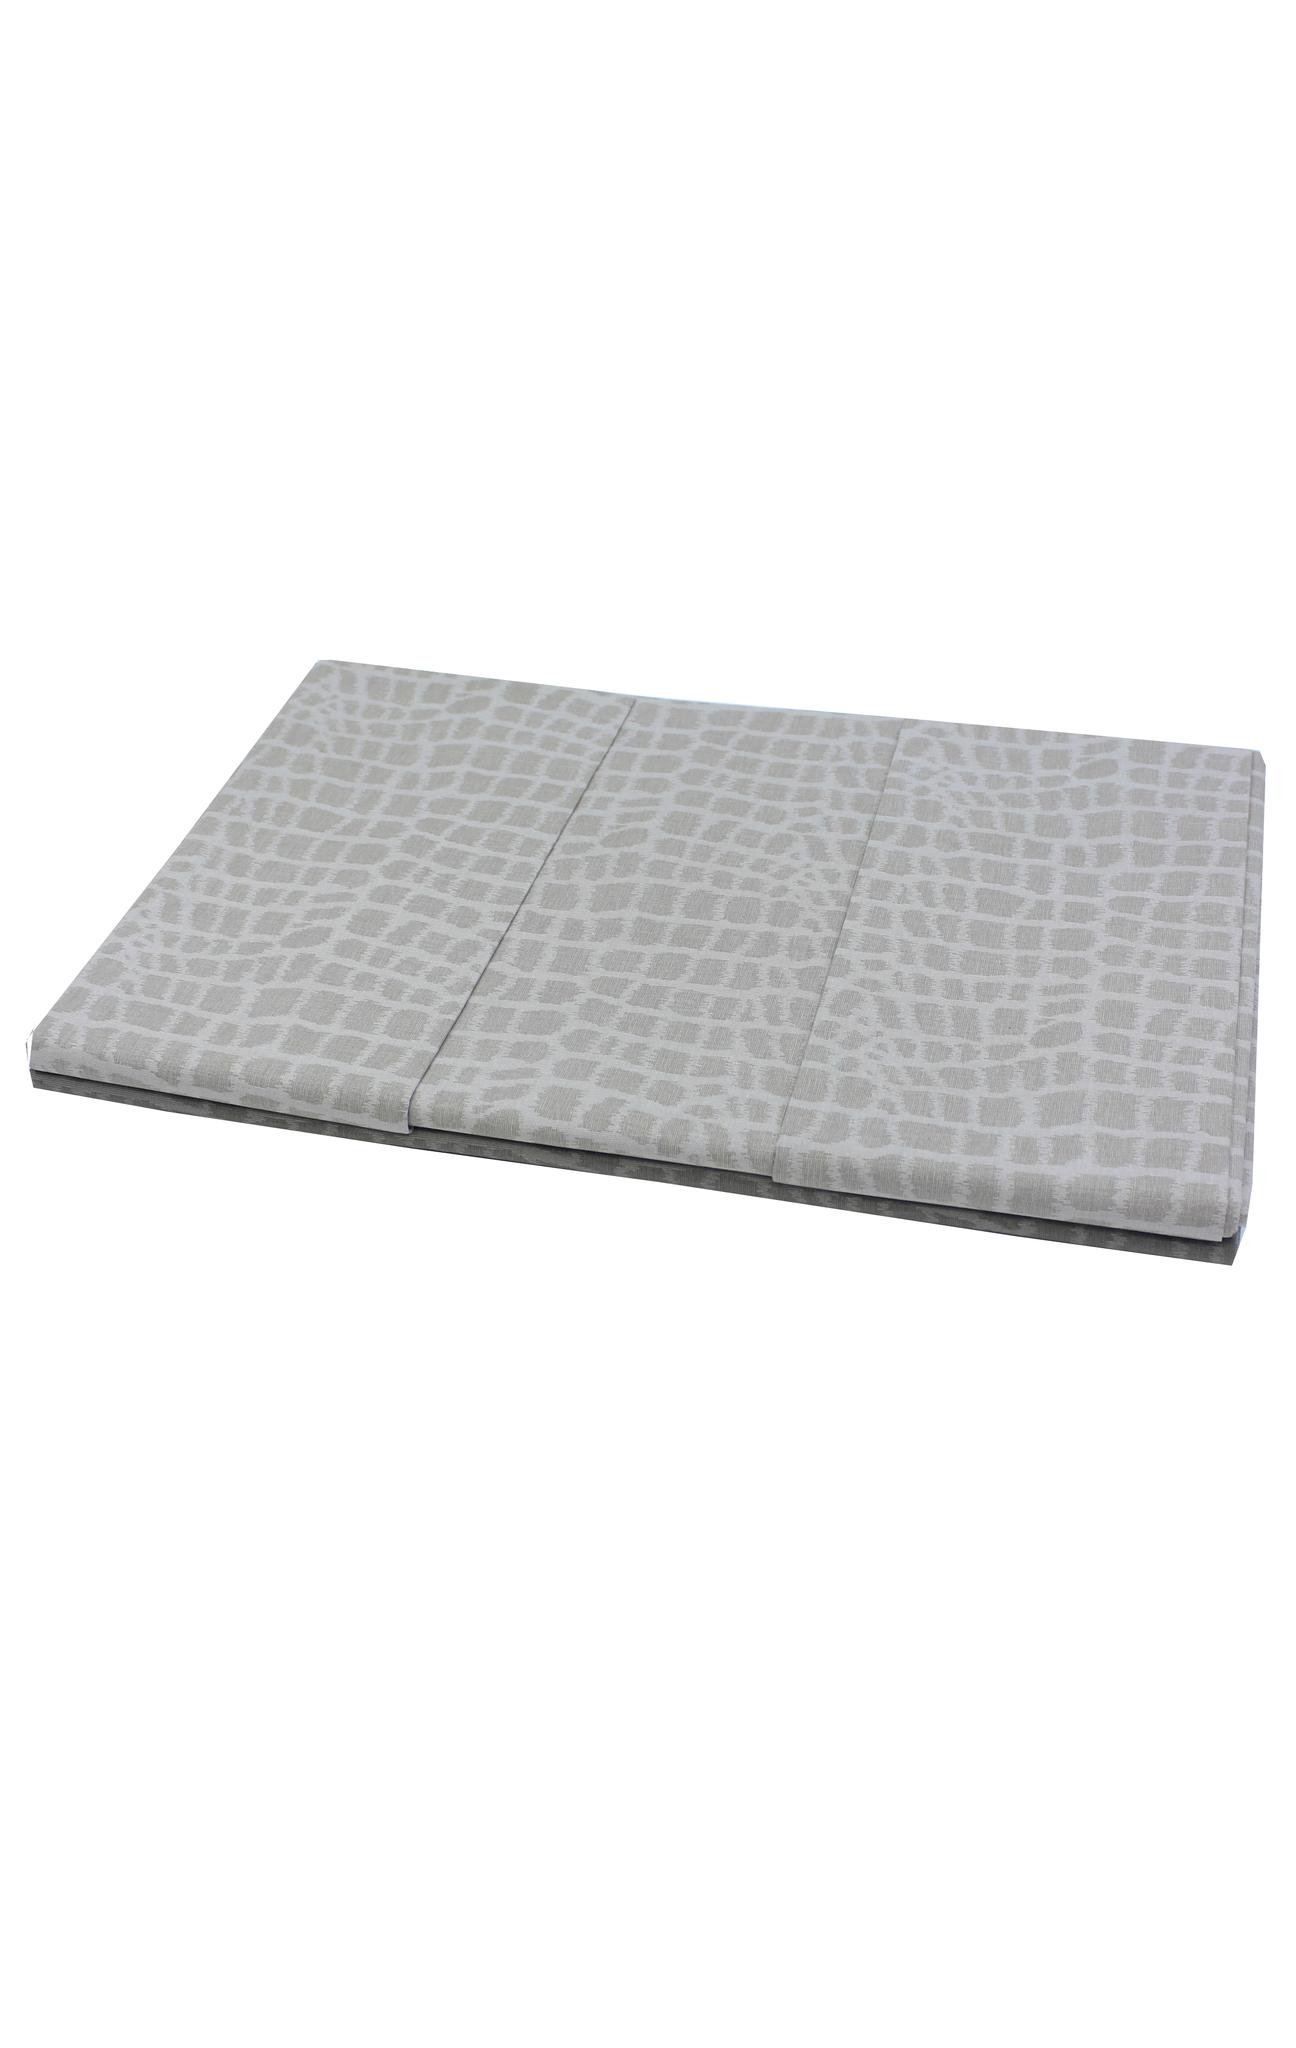 Постельное Постельное белье 2 спальное Caleffi Сocco komplekt-postelnogo-belya-Caleffi-Сocco.JPG